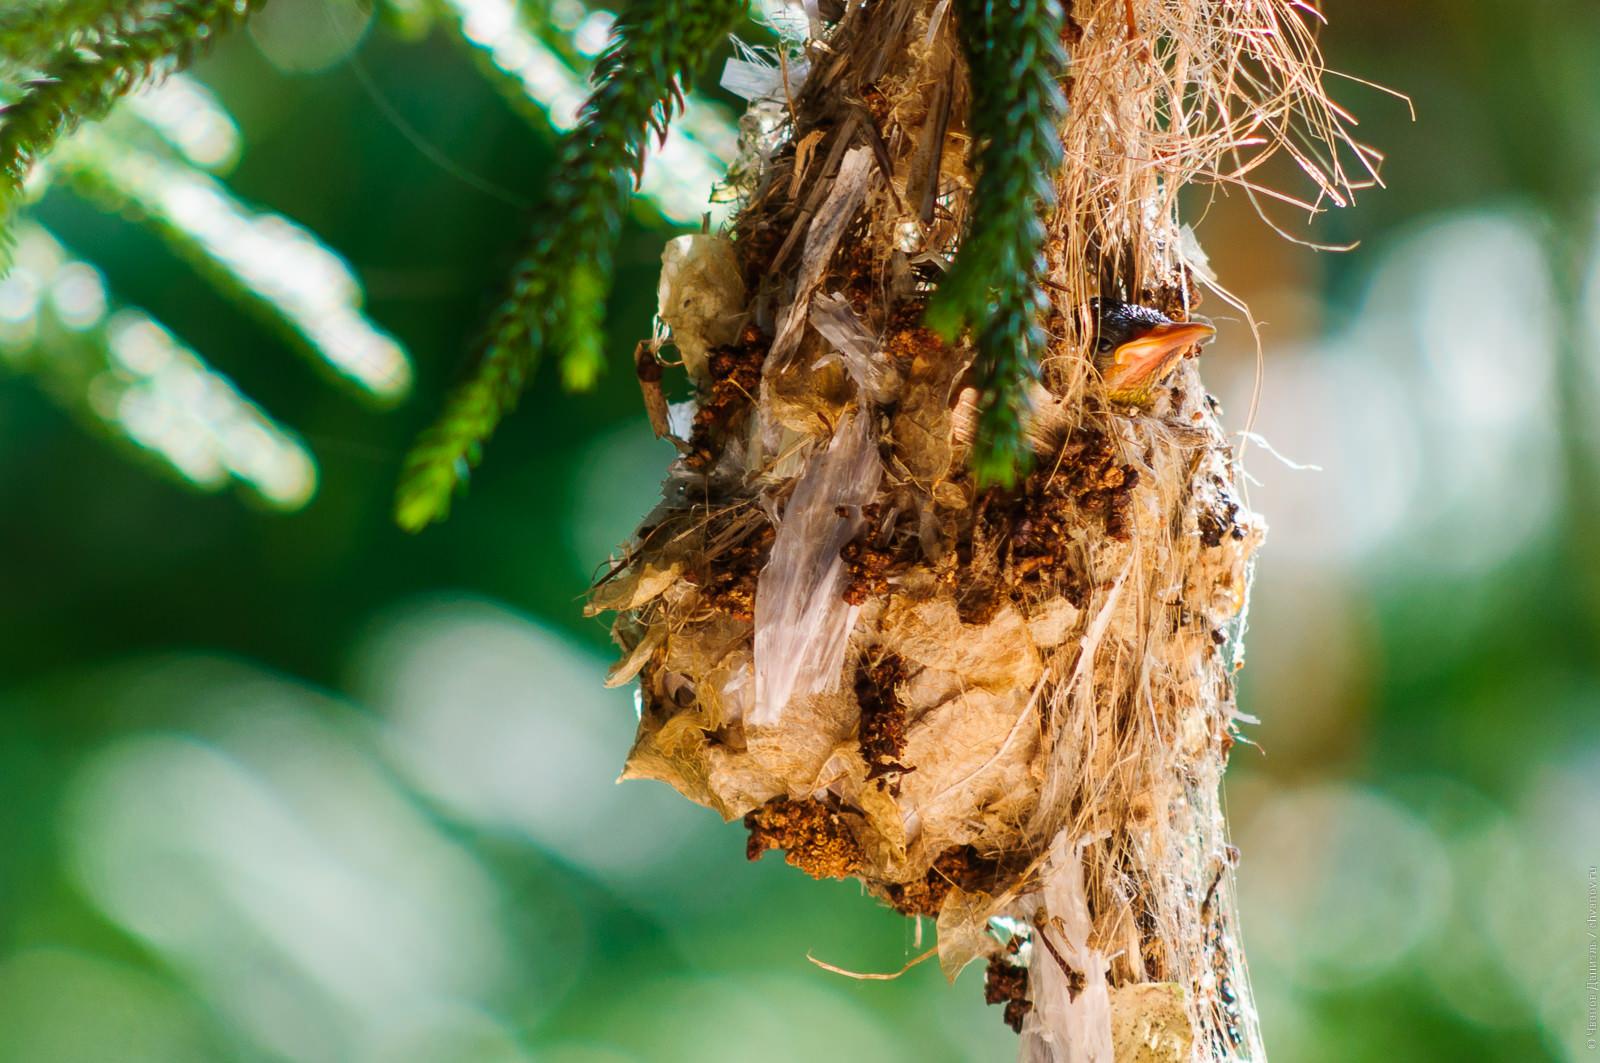 Птенец желтобрюхой нектарницы выглядывает из гнезда.